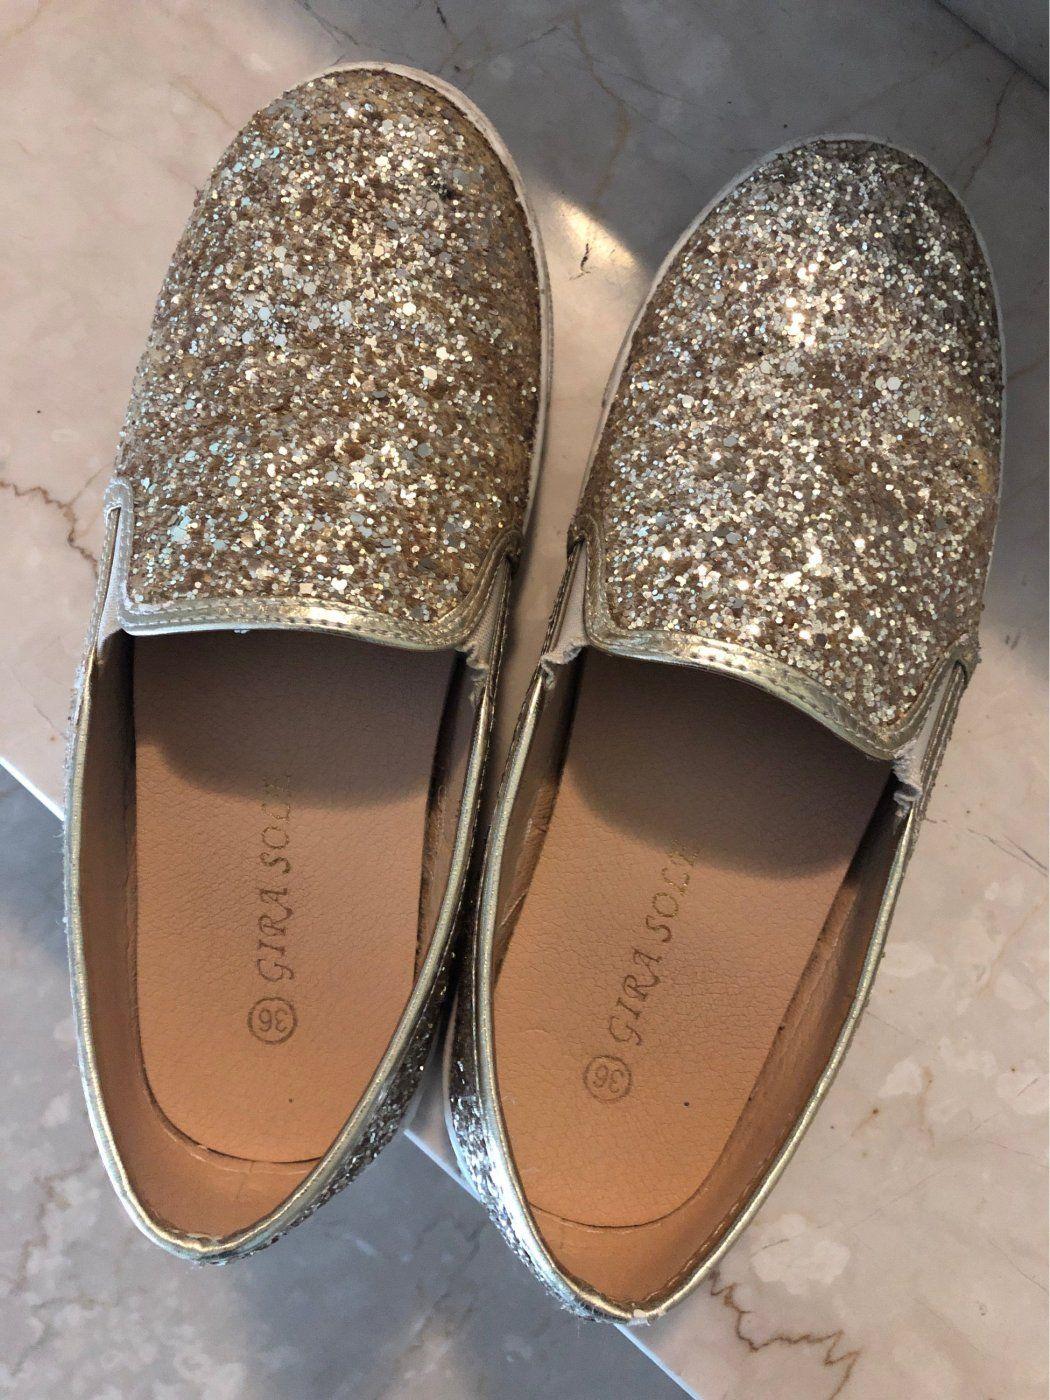 Glitzer Schuhe | Mädchenflohmarkt